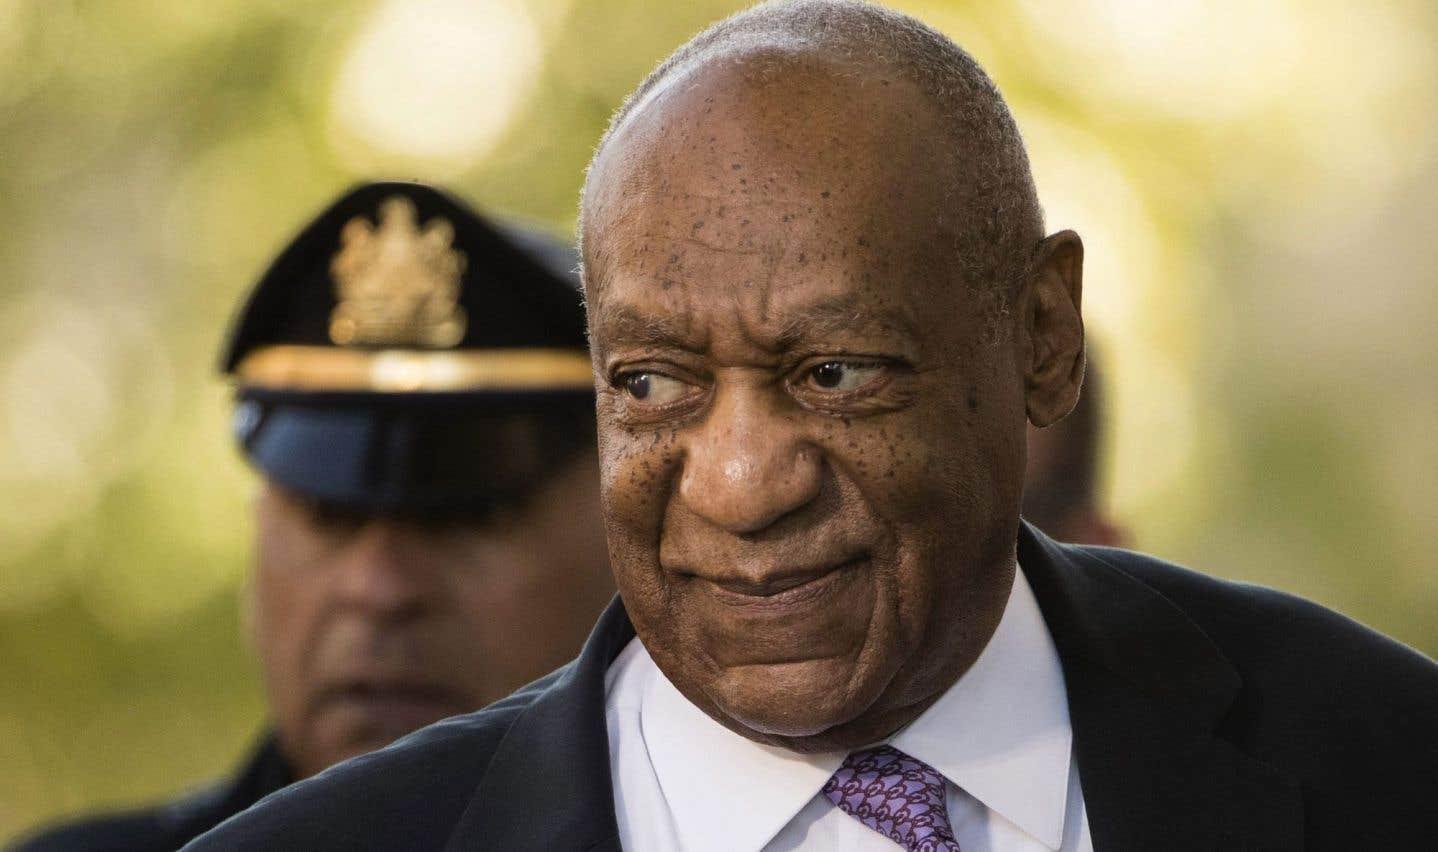 La défense de Cosby présente un seul témoin